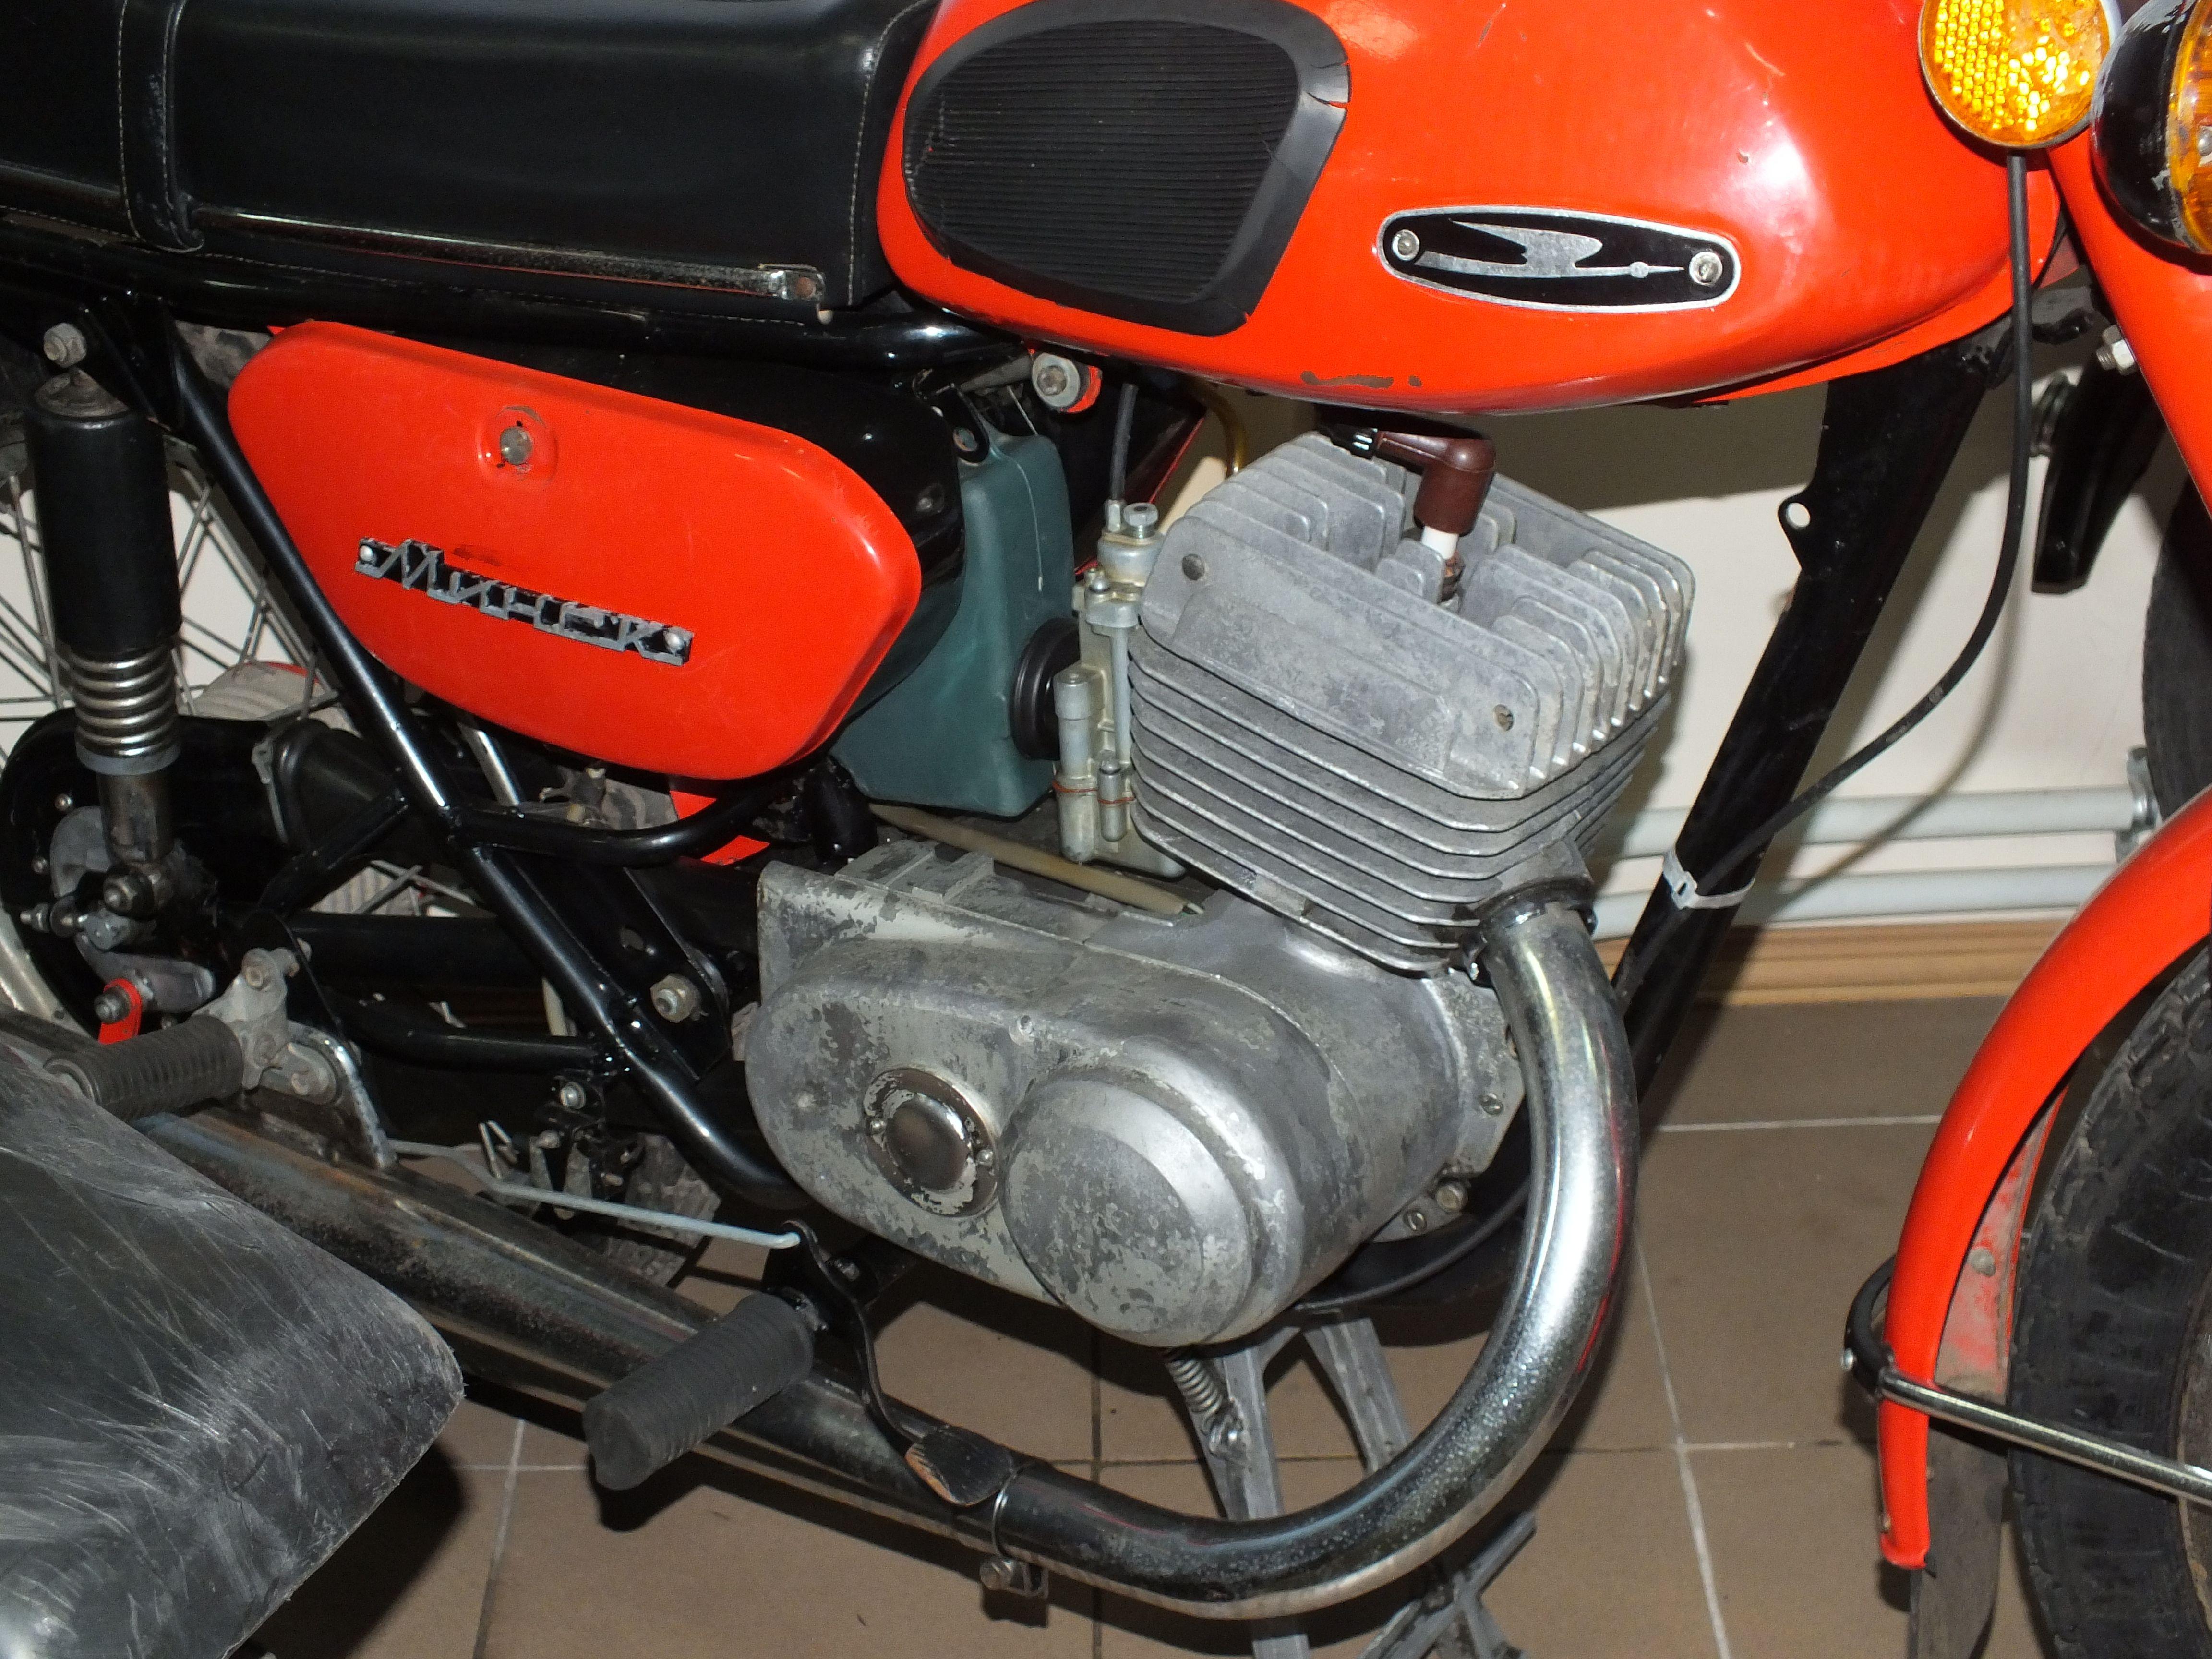 мотоцикл картинки минск